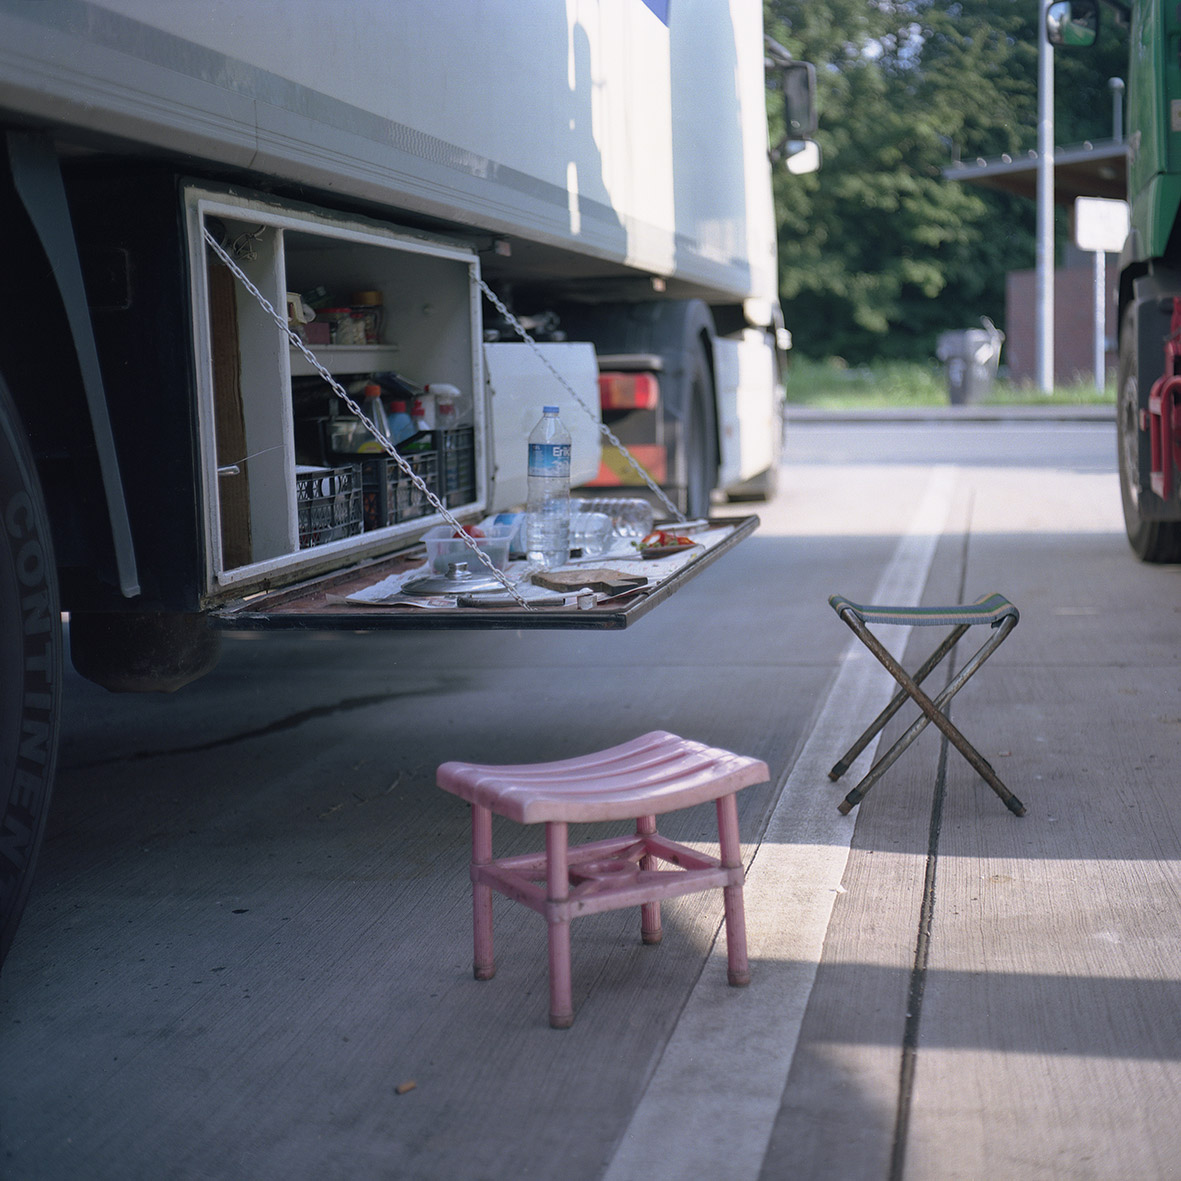 foto autobahn küche